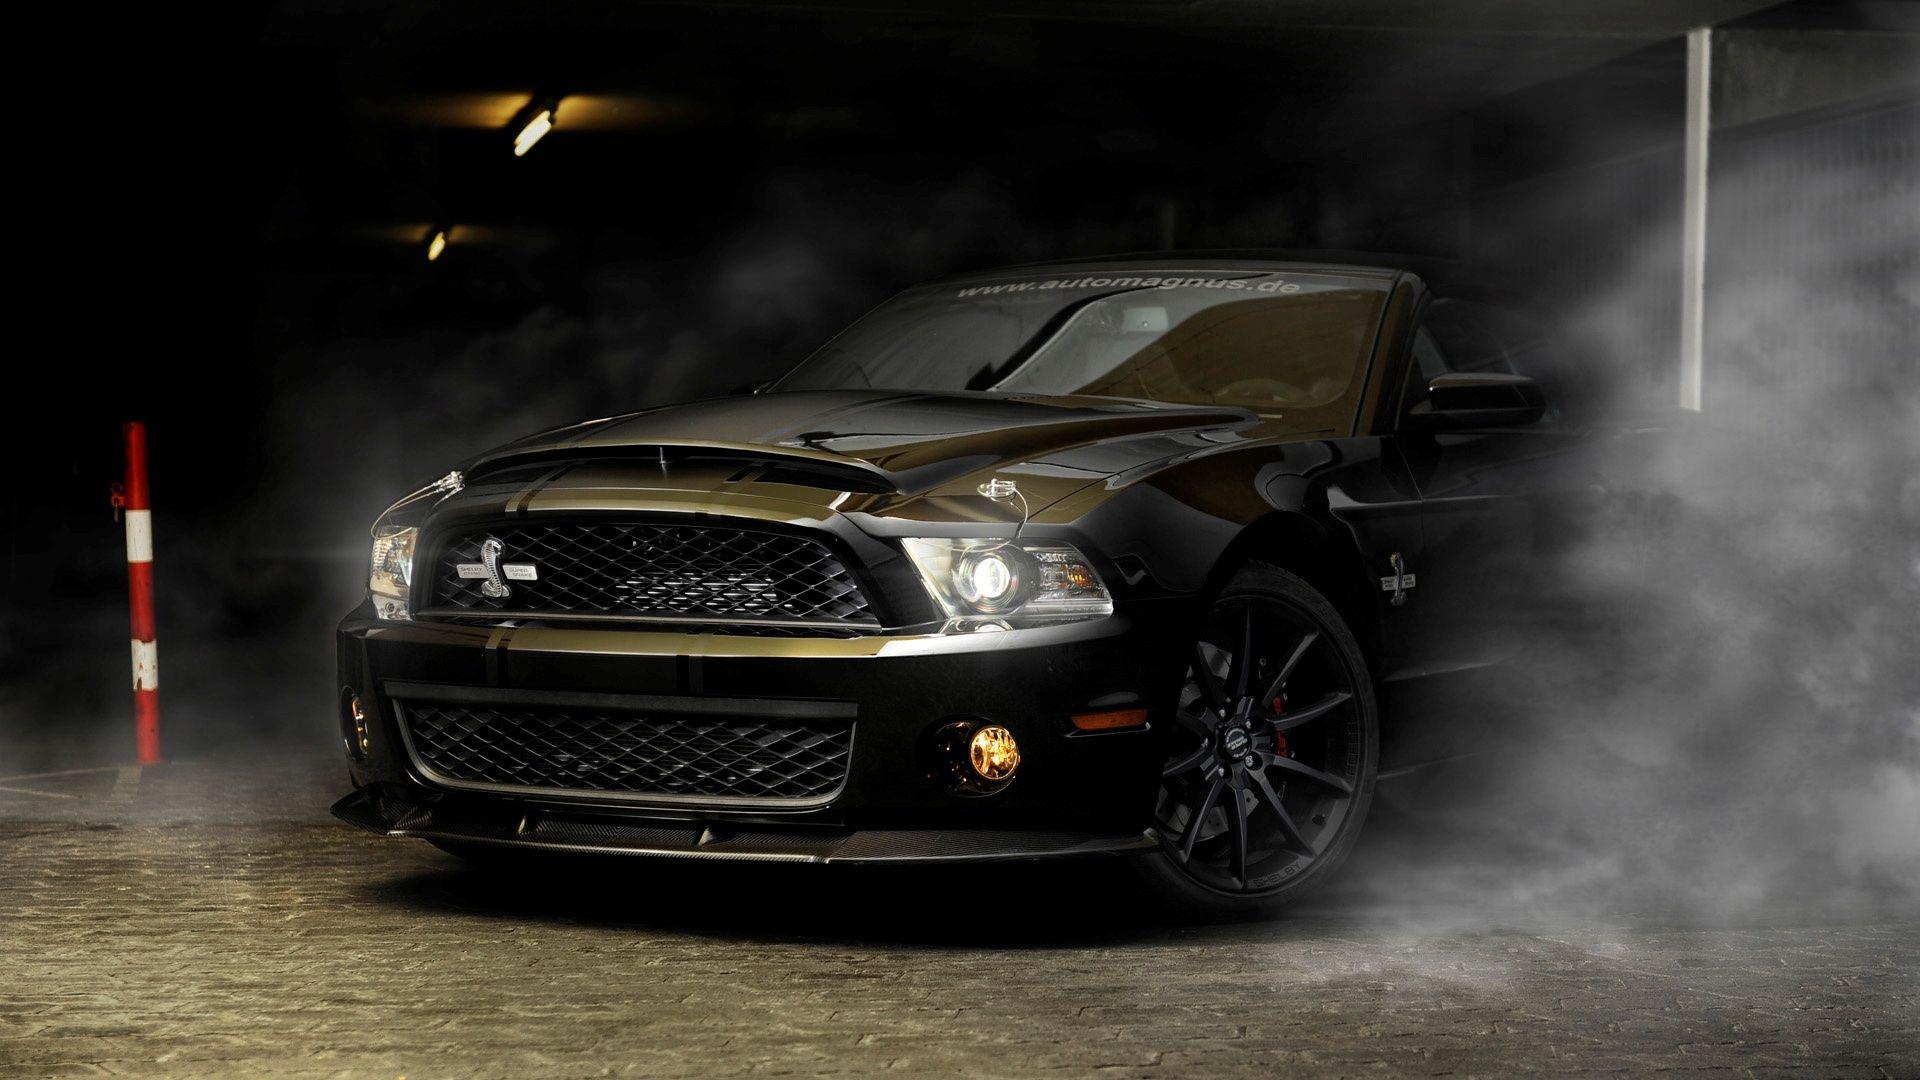 Shelby Mustang Wallpaper Desktop Tz8 Ford Mustang Cobra